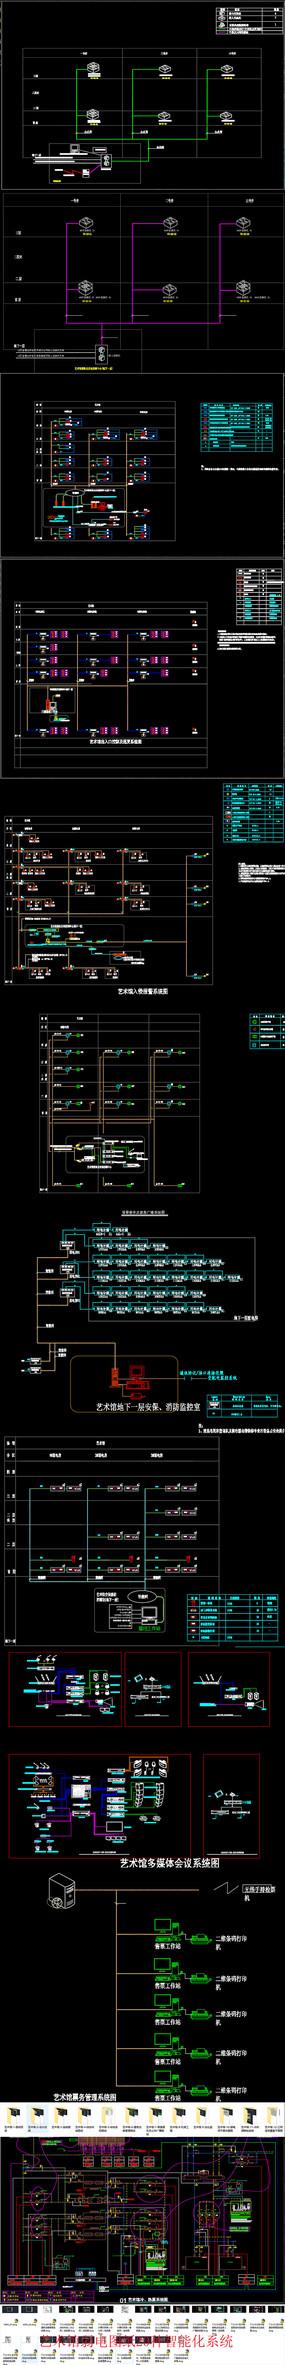 艺术馆弱电图纸20种智能化系统